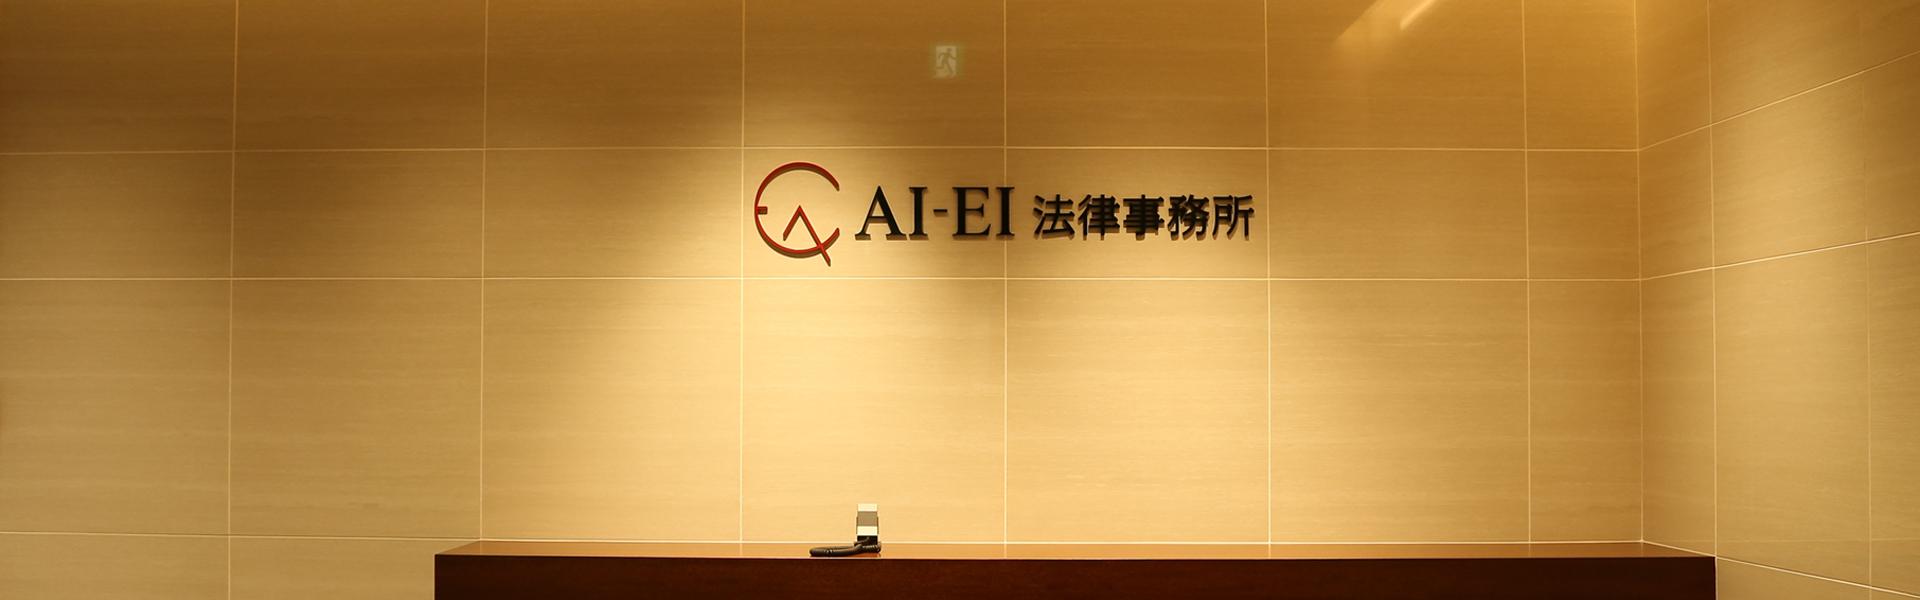 AI-EI 法律事務所